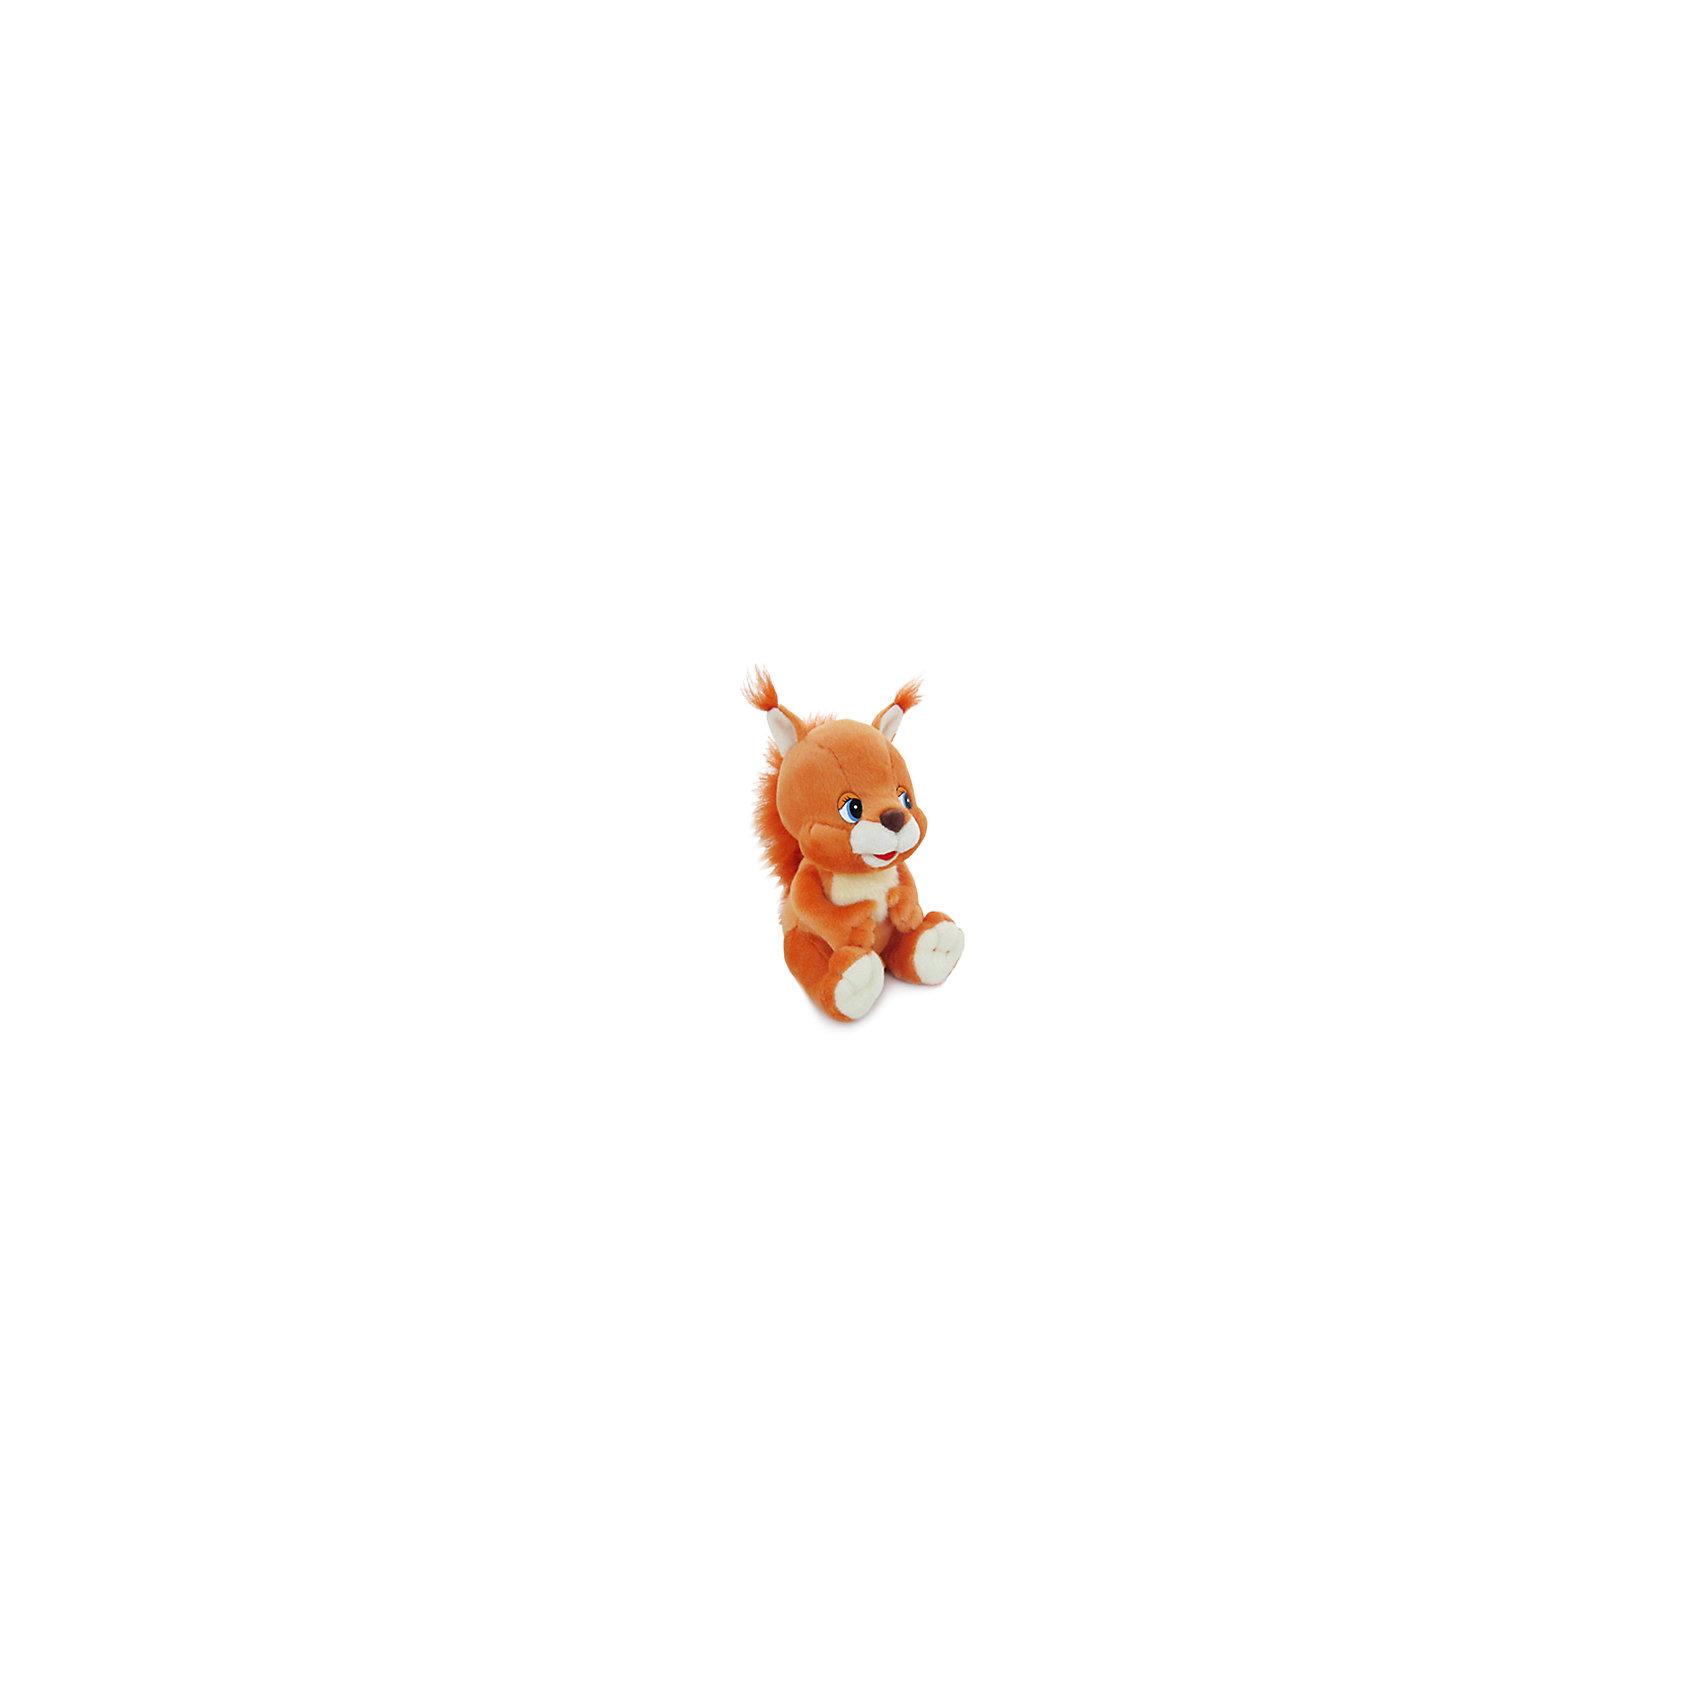 Белка музыкальная, 20 см., LAVAОзвученные мягкие игрушки<br>Очаровательная рыжая белочка очень мягкая и приятная на ощупь и обязательно понравится малышам. Она споет песенку и обязательно развеселит ребенка. Игрушка выполнена из экологичных высококачественных материалов, безопасна для детей. <br><br>Дополнительная информация:<br><br>- Материал: искусственный мех, текстиль, синтепон, пластик.<br>- Высота: 20 см. <br>- Поет песенку <br>- Элемент питания: батарейка (в комплекте).<br><br>Белку музыкальную, 20 см., LAVA (ЛАВА) можно купить в нашем магазине.<br><br>Ширина мм: 150<br>Глубина мм: 150<br>Высота мм: 200<br>Вес г: 215<br>Возраст от месяцев: 36<br>Возраст до месяцев: 1188<br>Пол: Унисекс<br>Возраст: Детский<br>SKU: 4444129